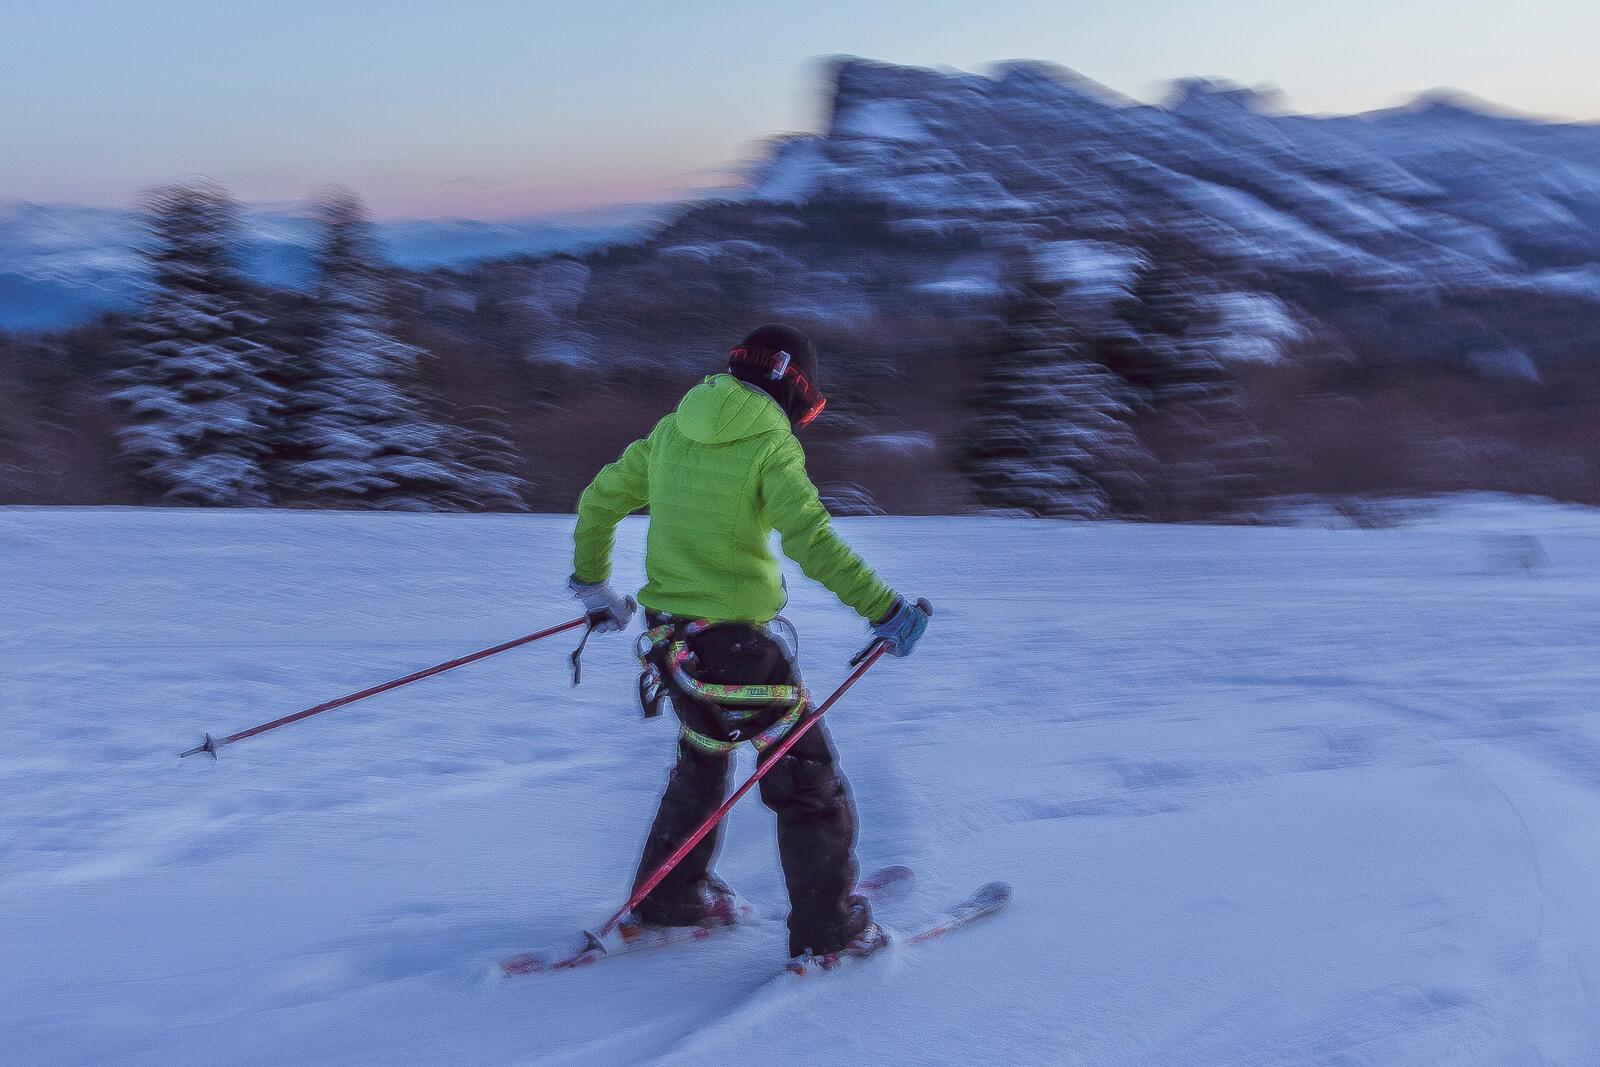 Le ski de rando avec des enfants